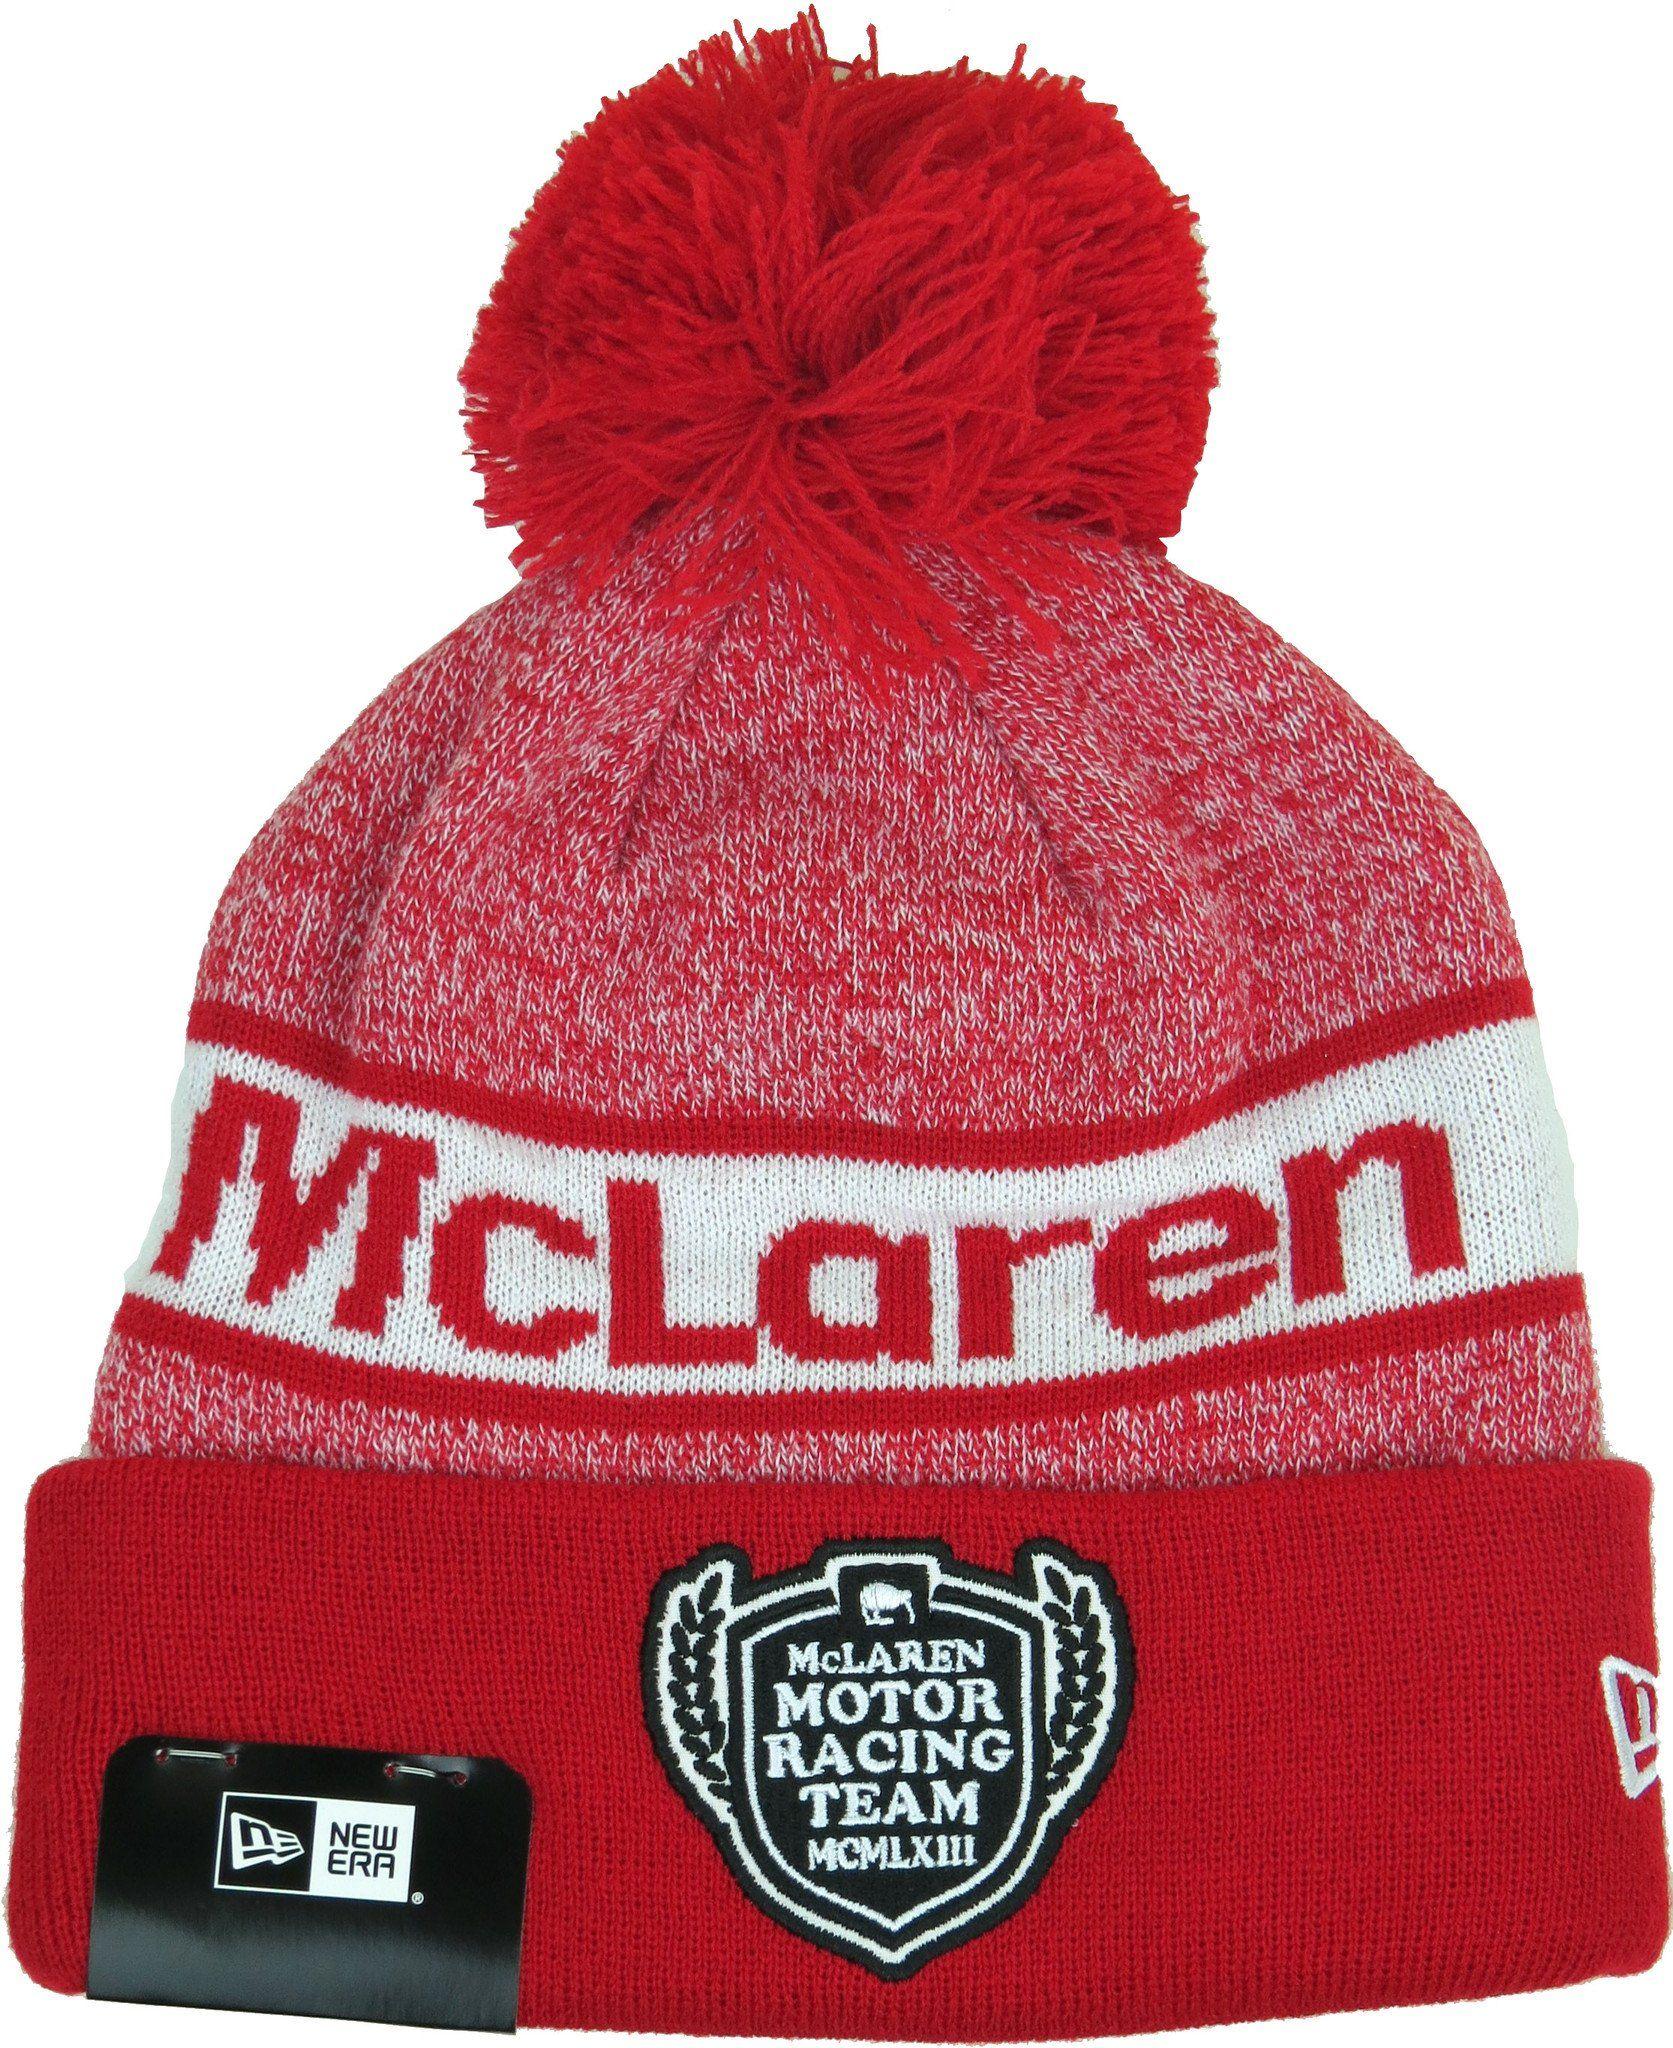 a11e6399515 New Era McLaren Racing Retro Beanie Bobble Hat. Red